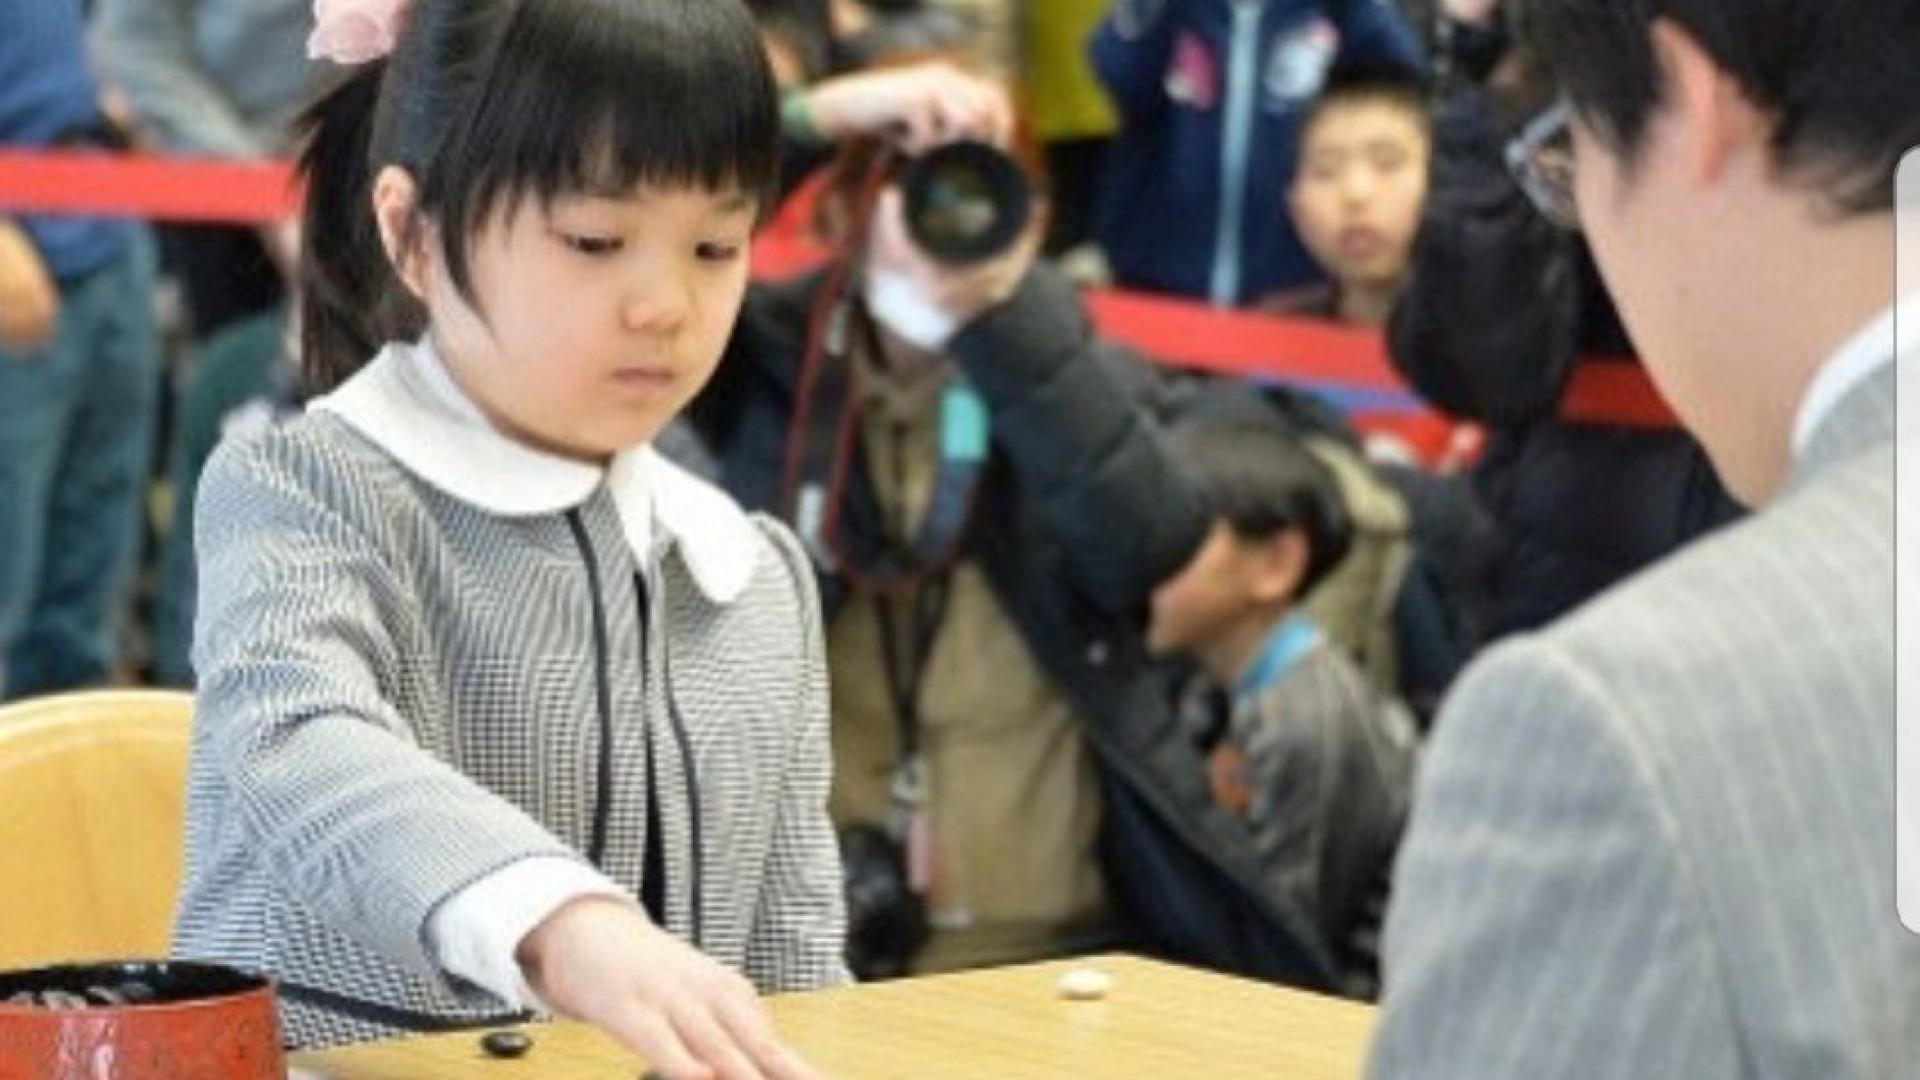 Eis a mais jovem profissional de jogo de estratégia de sempre no Japão